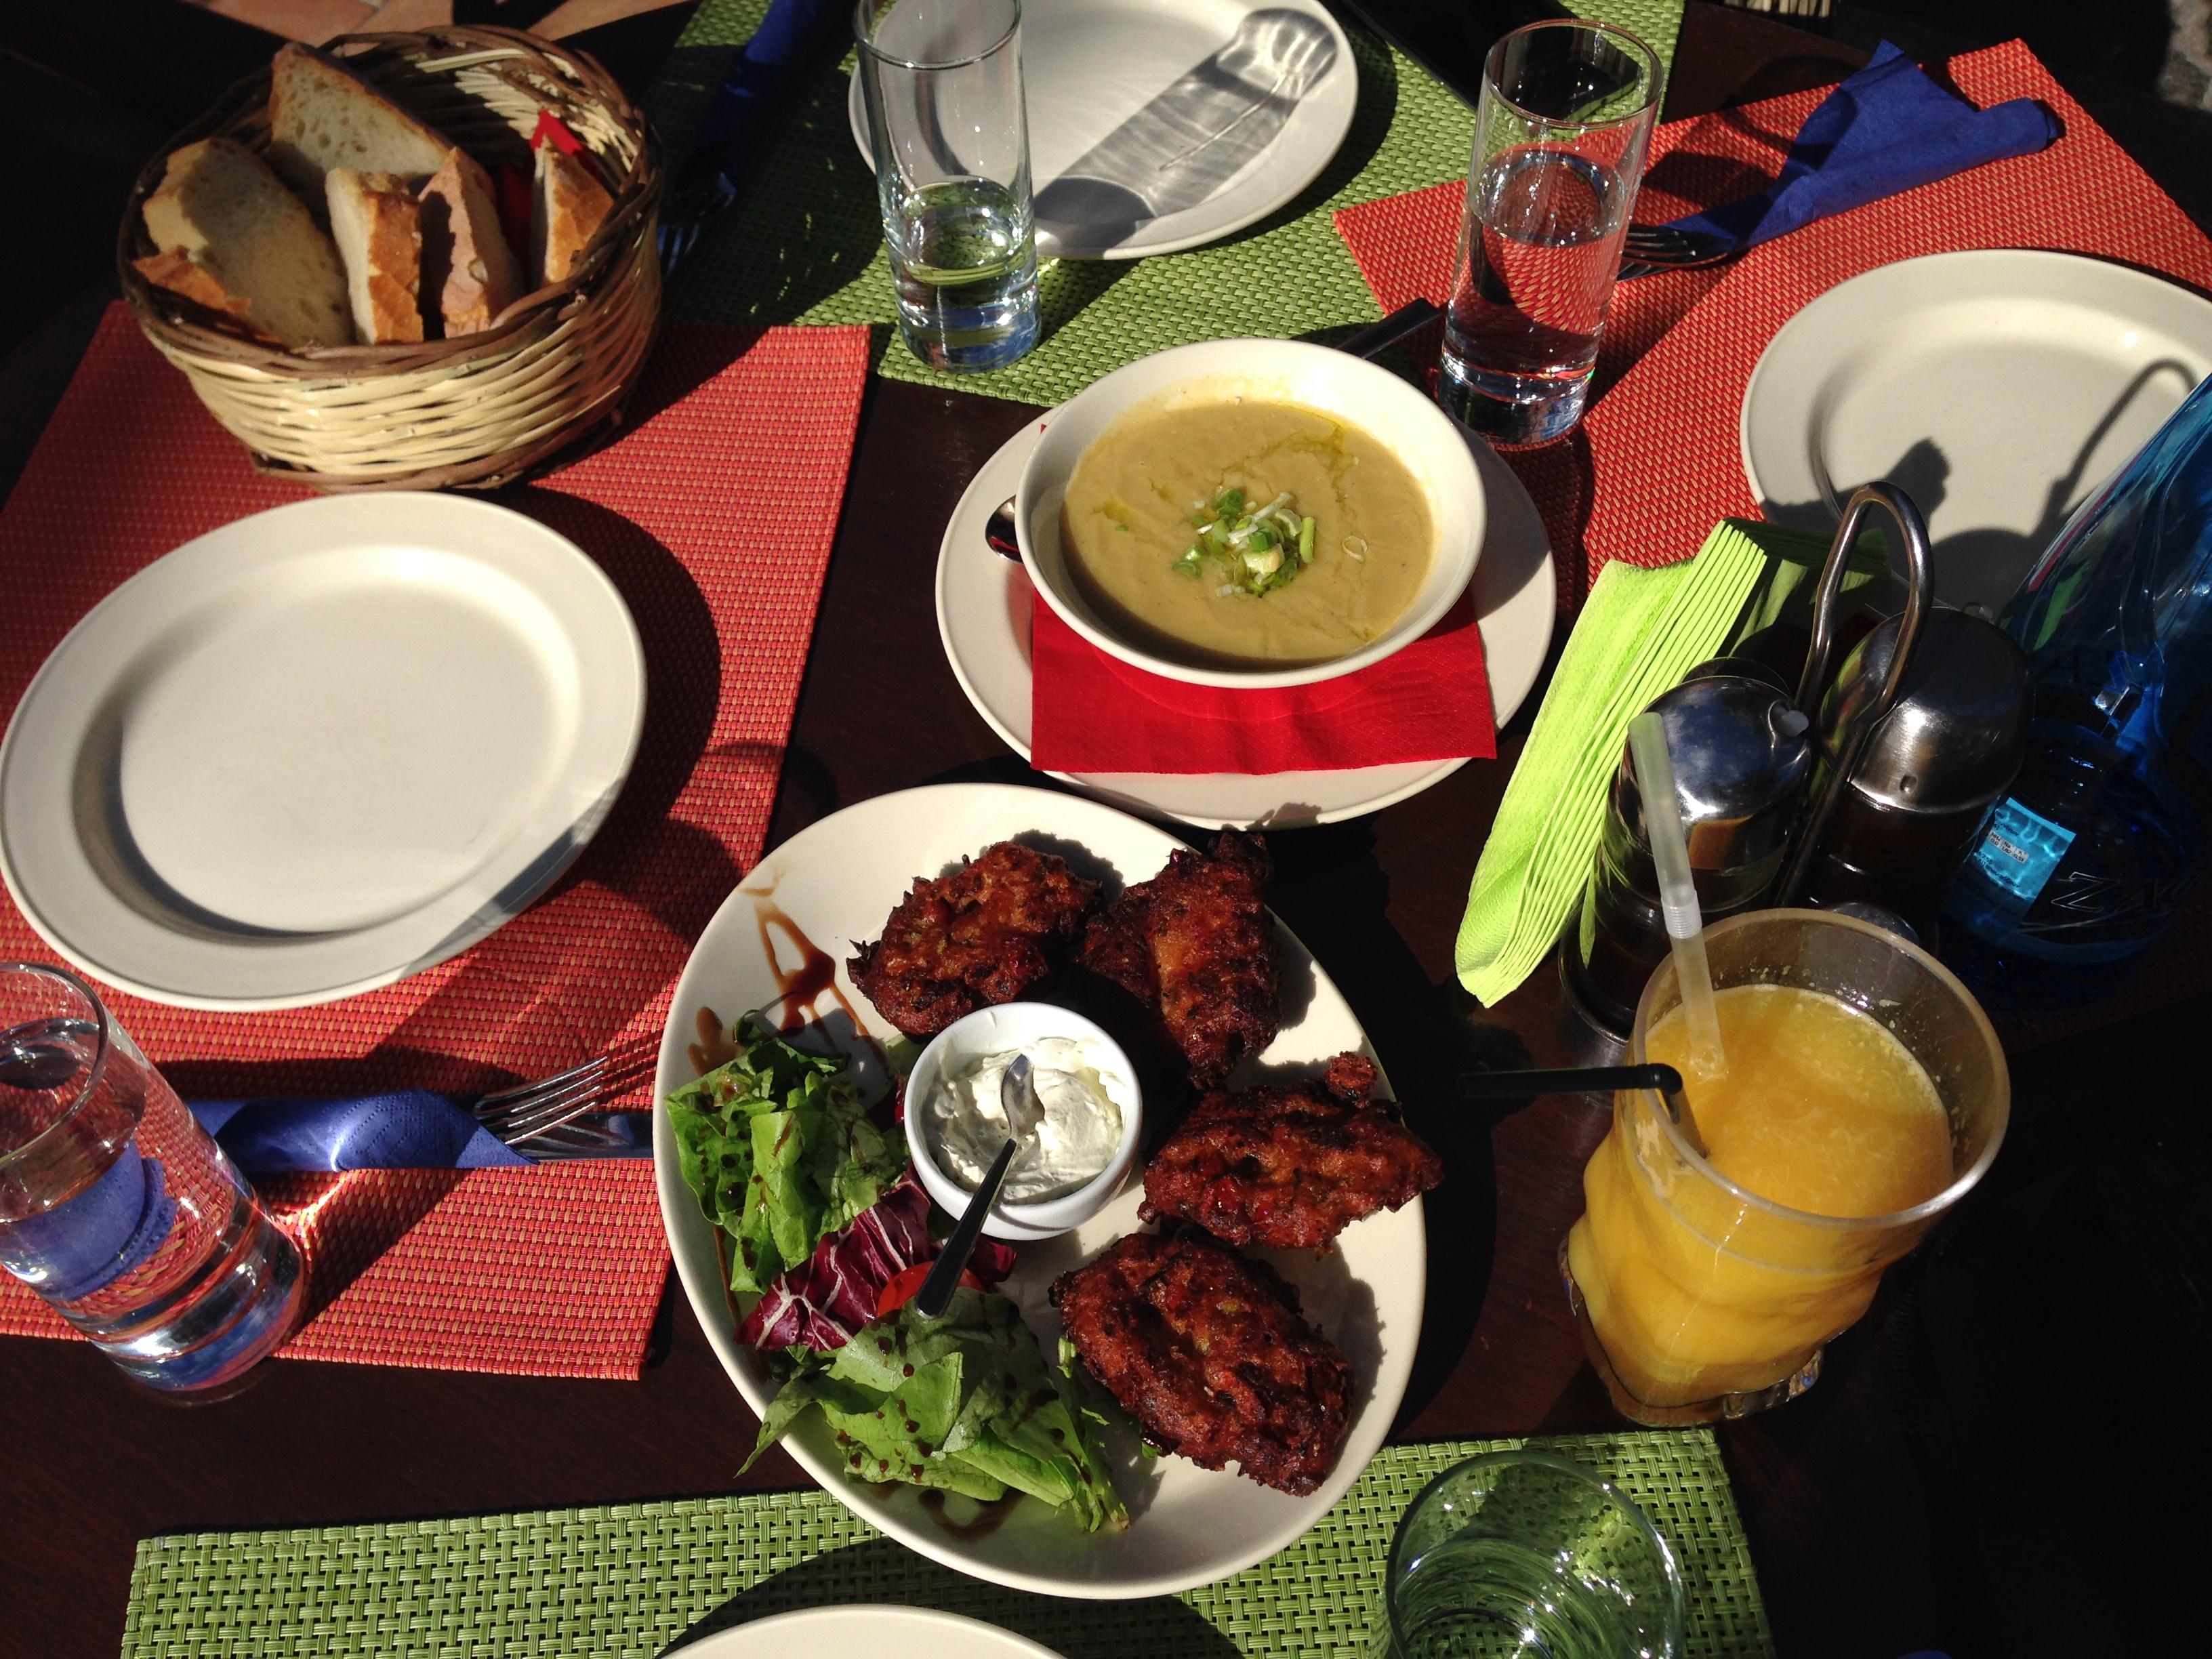 Greek food flatlay